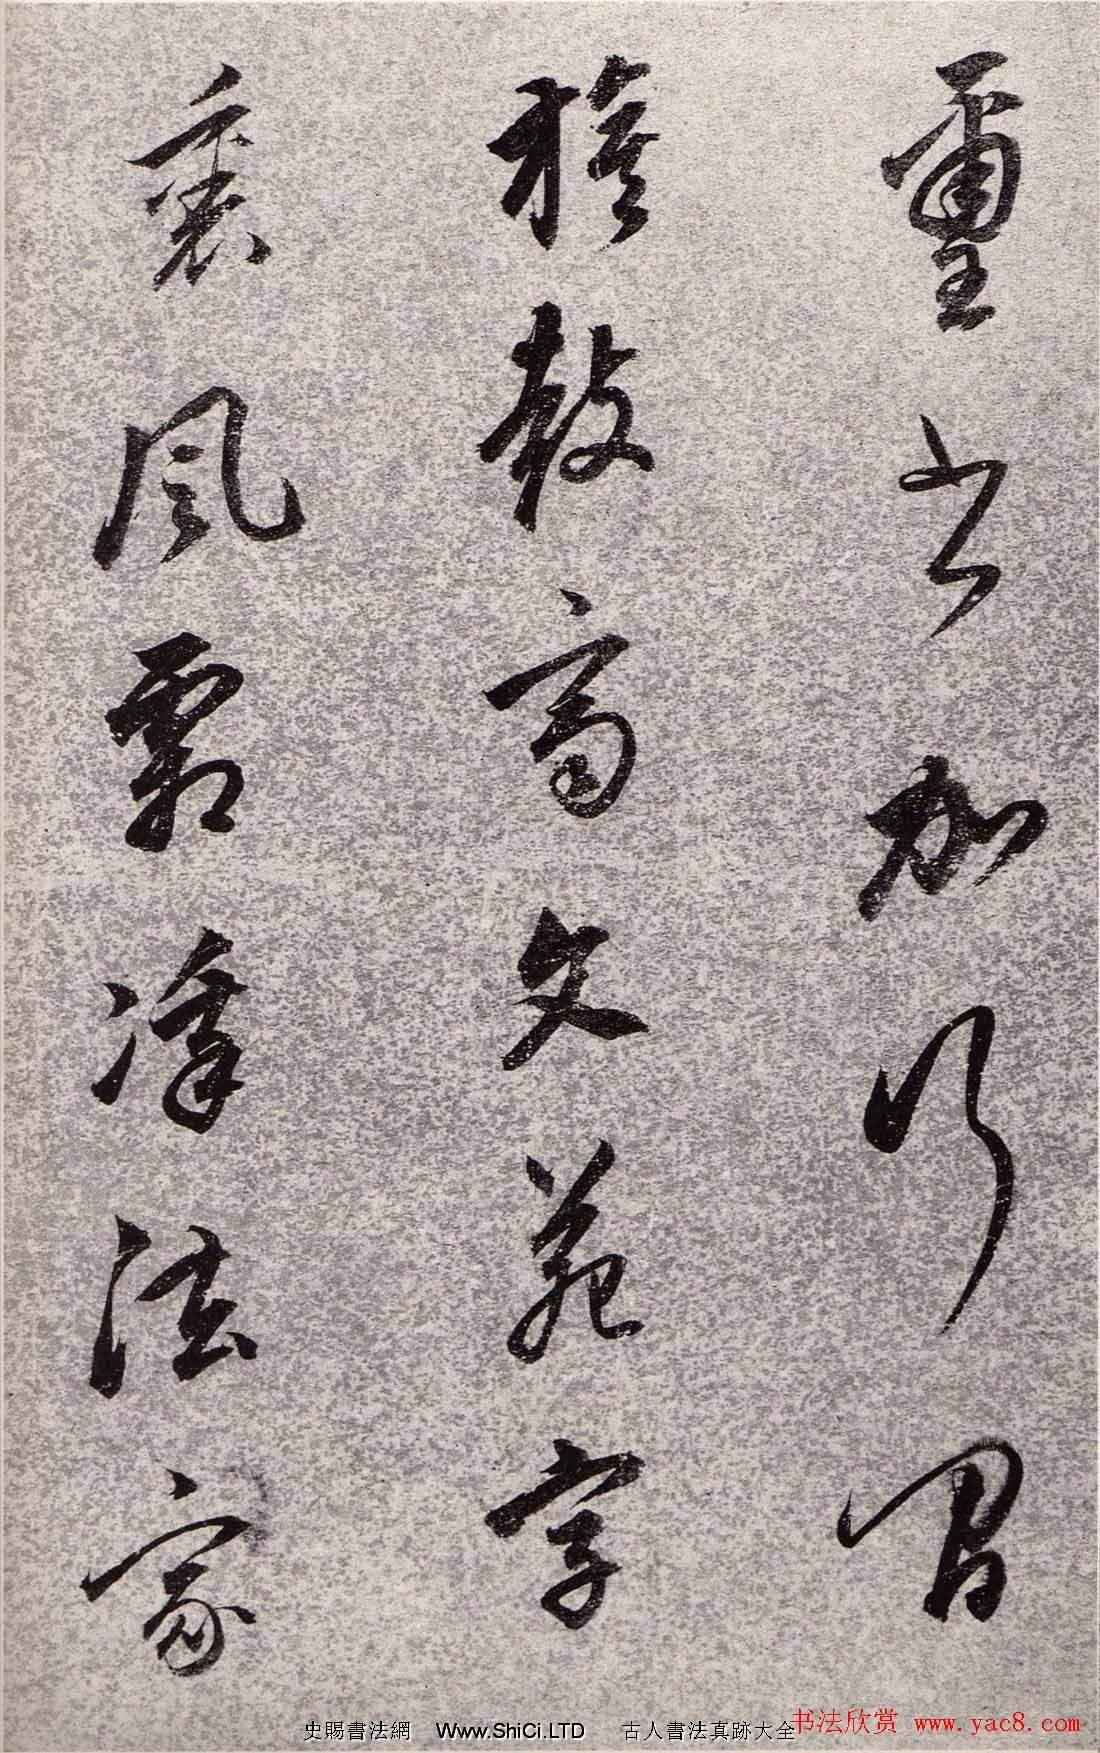 董香光書法欣賞《董其昌詩詞行書冊頁》